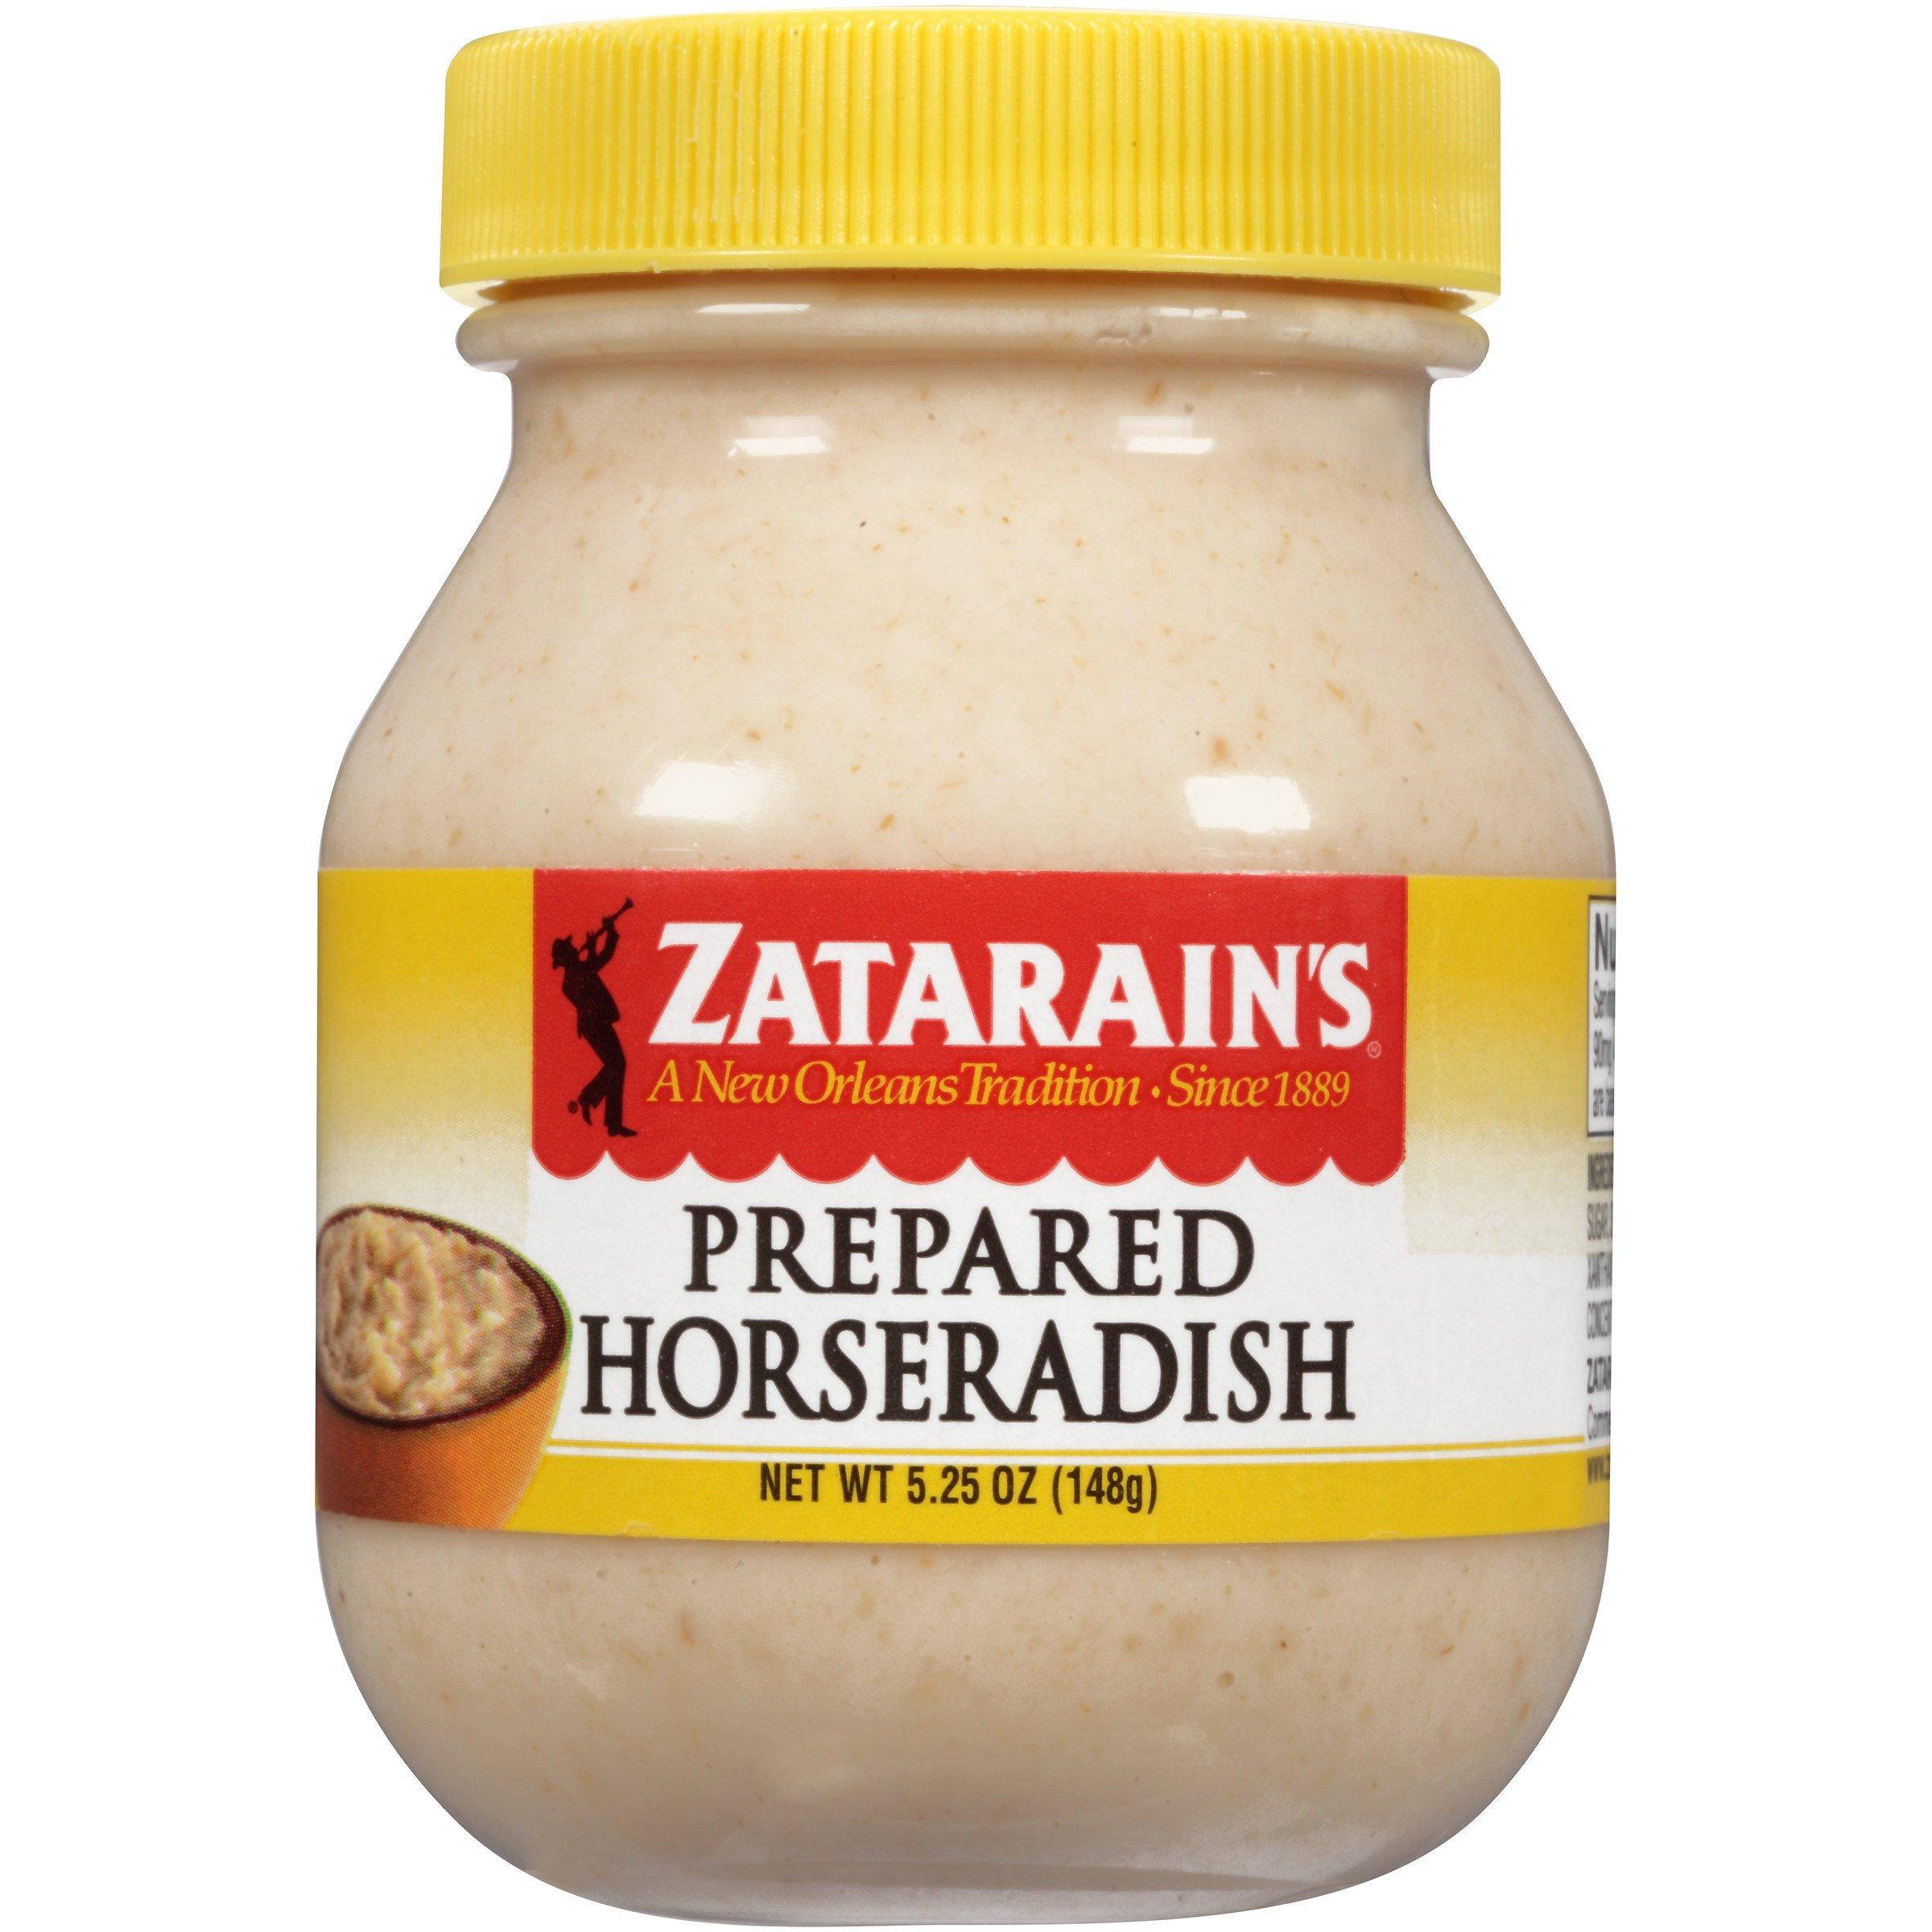 Zatarain's Horseradish, 5.25 oz (Case of 12)